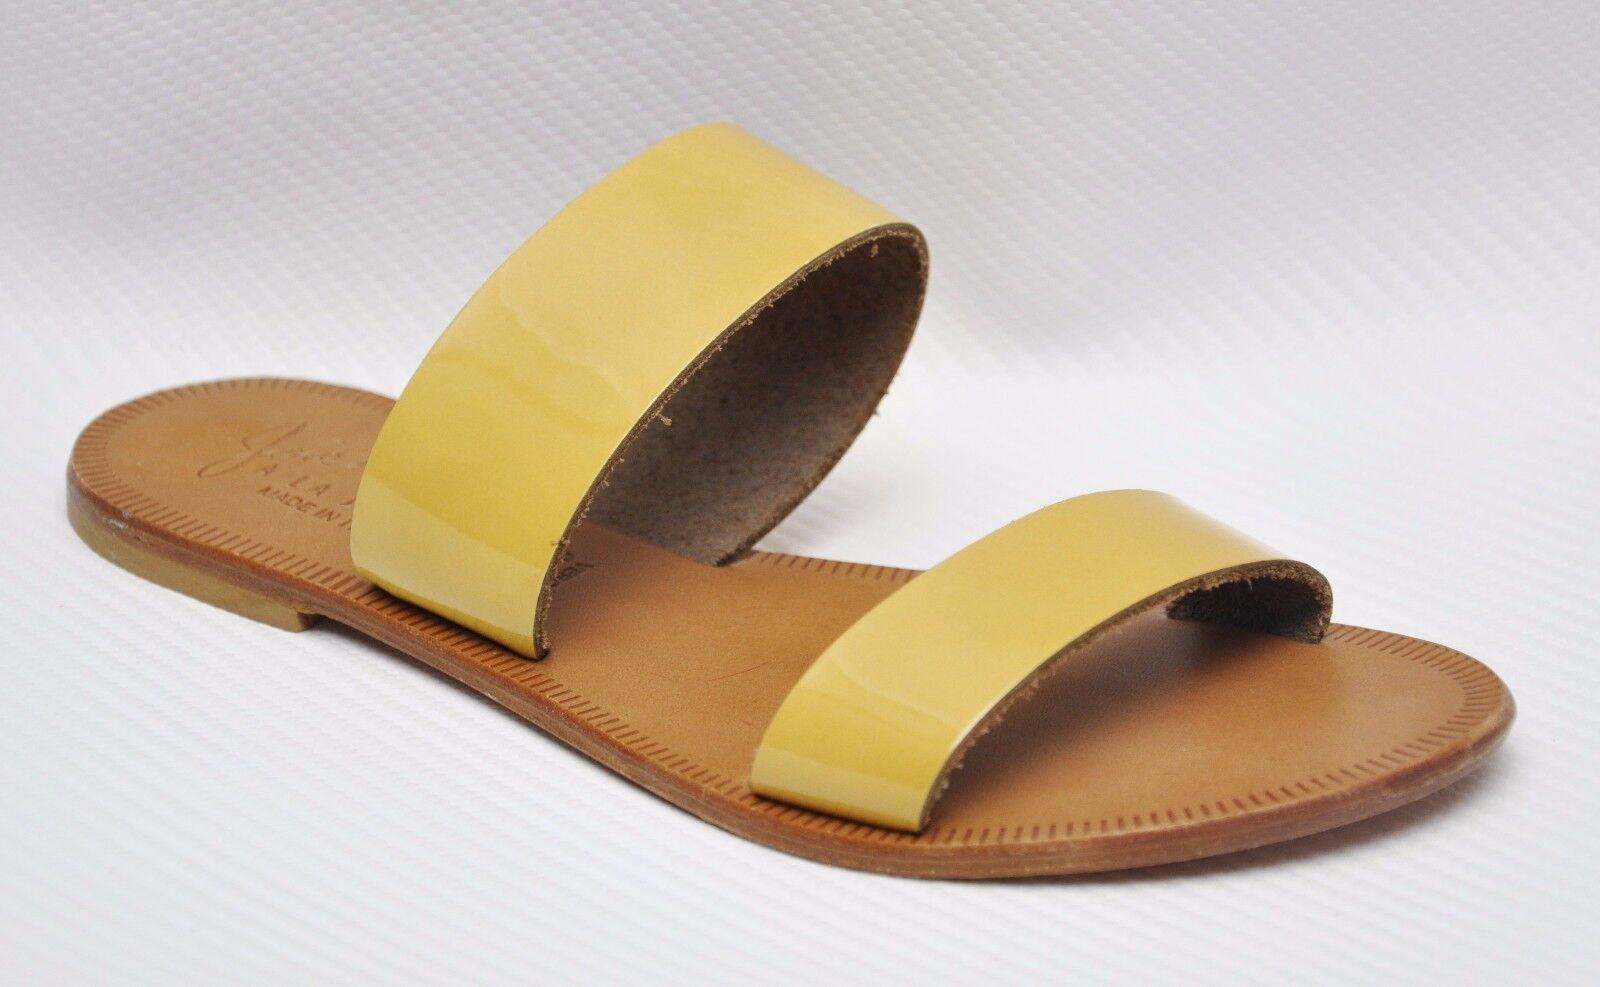 BCBGeneration Womens 'Madeya' Dark Beige Suede Wedge Sandals Sz 4.5 M - 231792